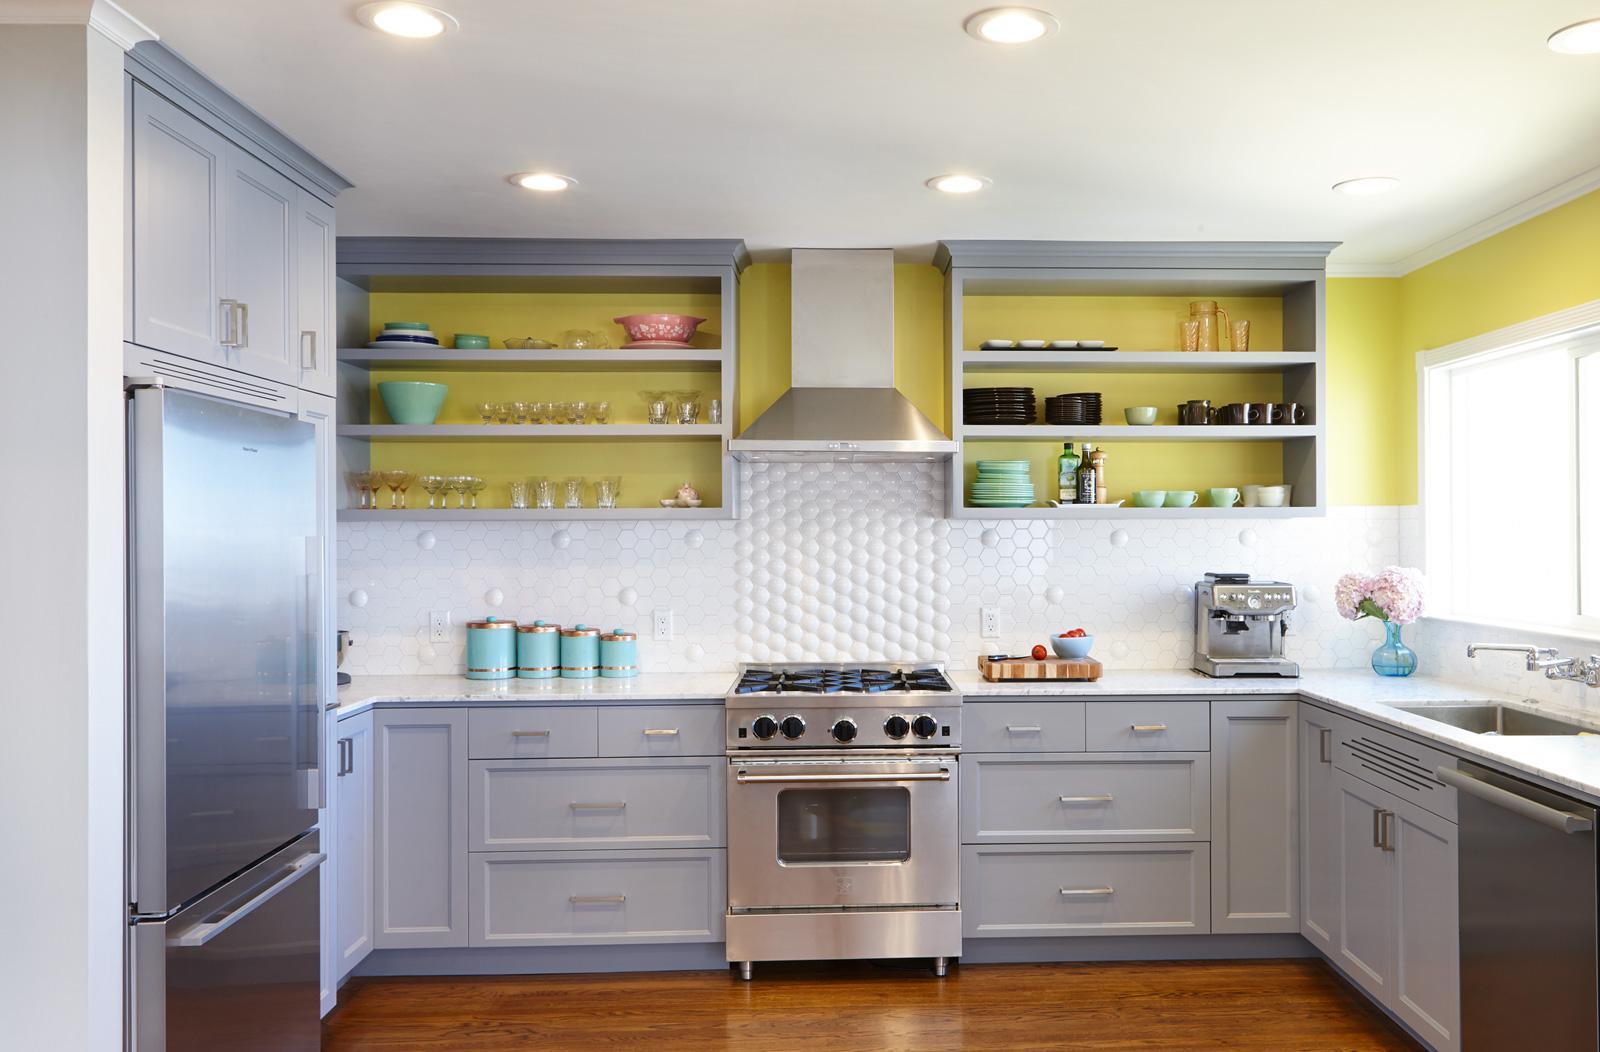 Расположение холодильника в нише на кухне